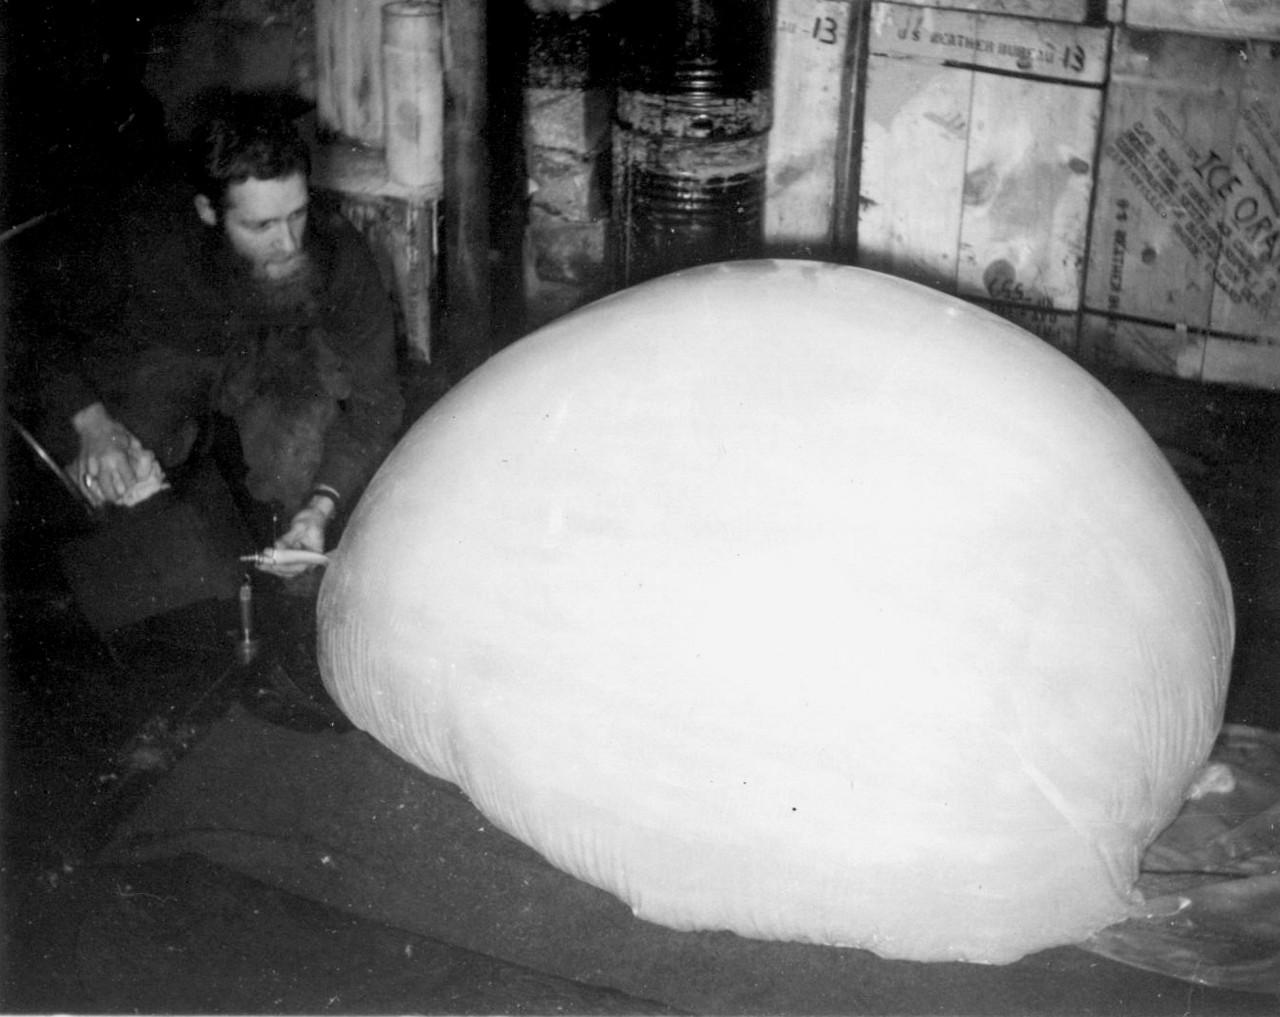 Le météorologue Herbert Hansen gonfle un ballon d'observation en 1958